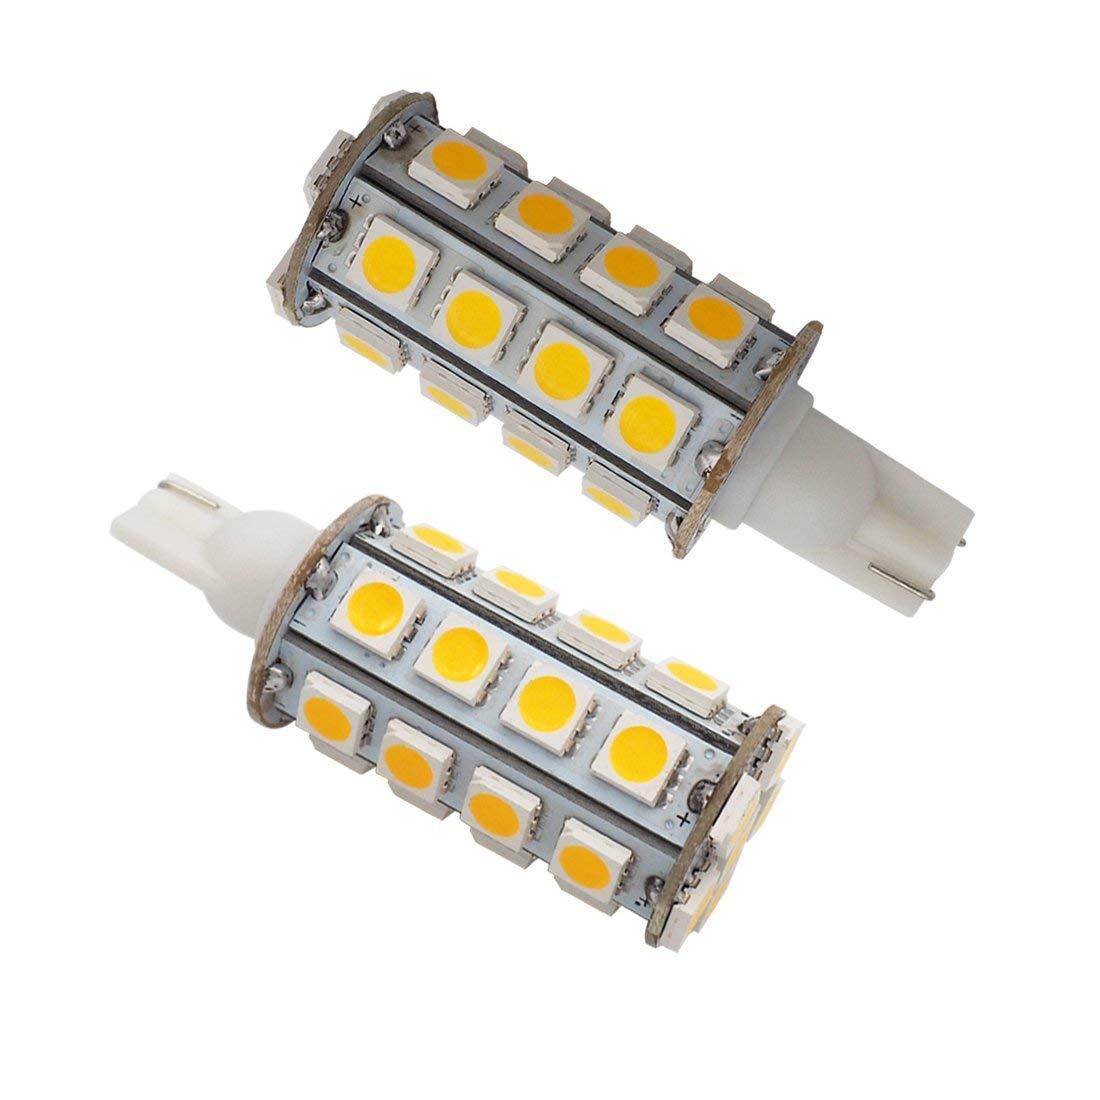 GRV T10 Wedge 921 194 30-5050 SMD LED Bulb Lamp Super Bright Warm White AC/DC 12V-24V Pack of 2